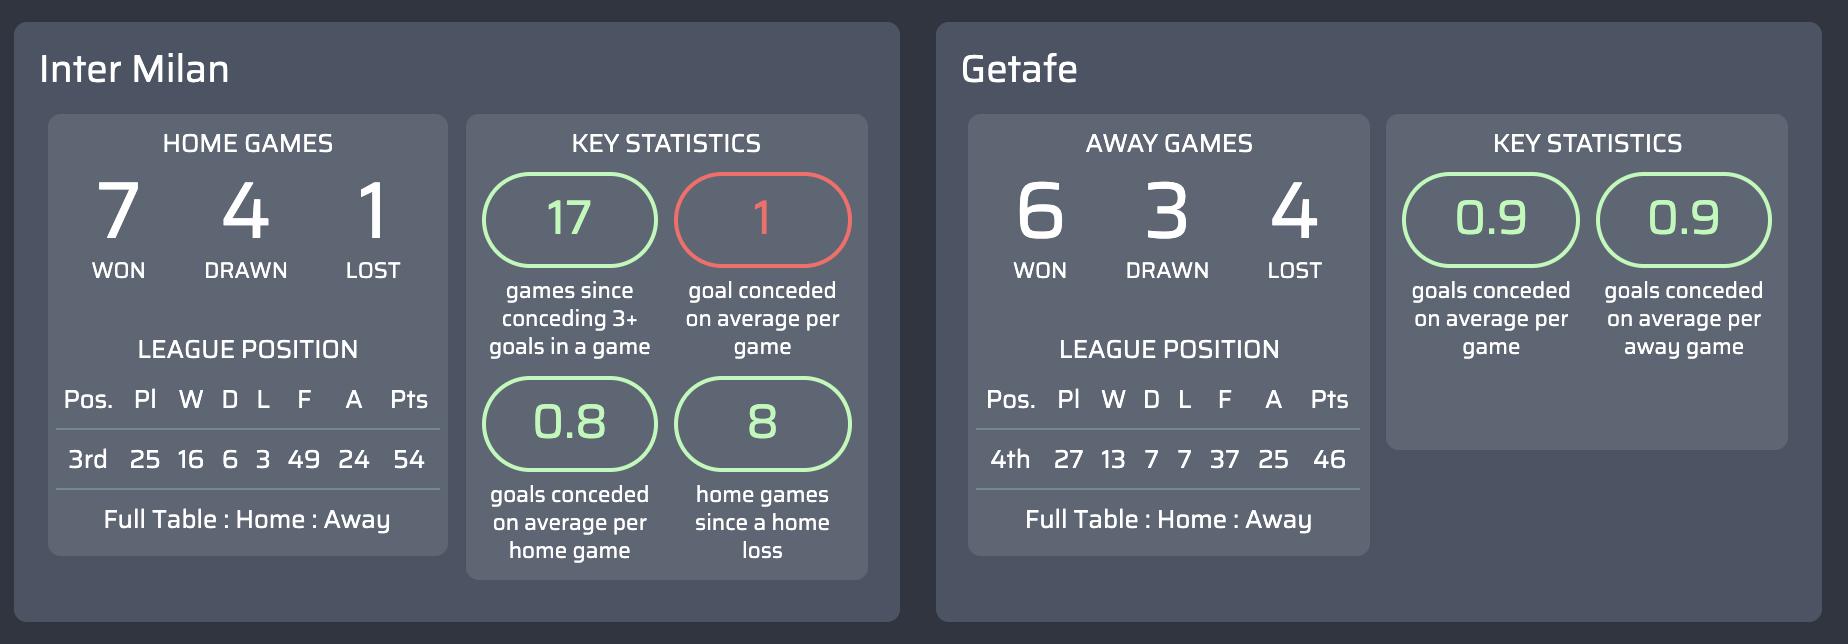 máy tính dự đoán Inter Milan v Getafe